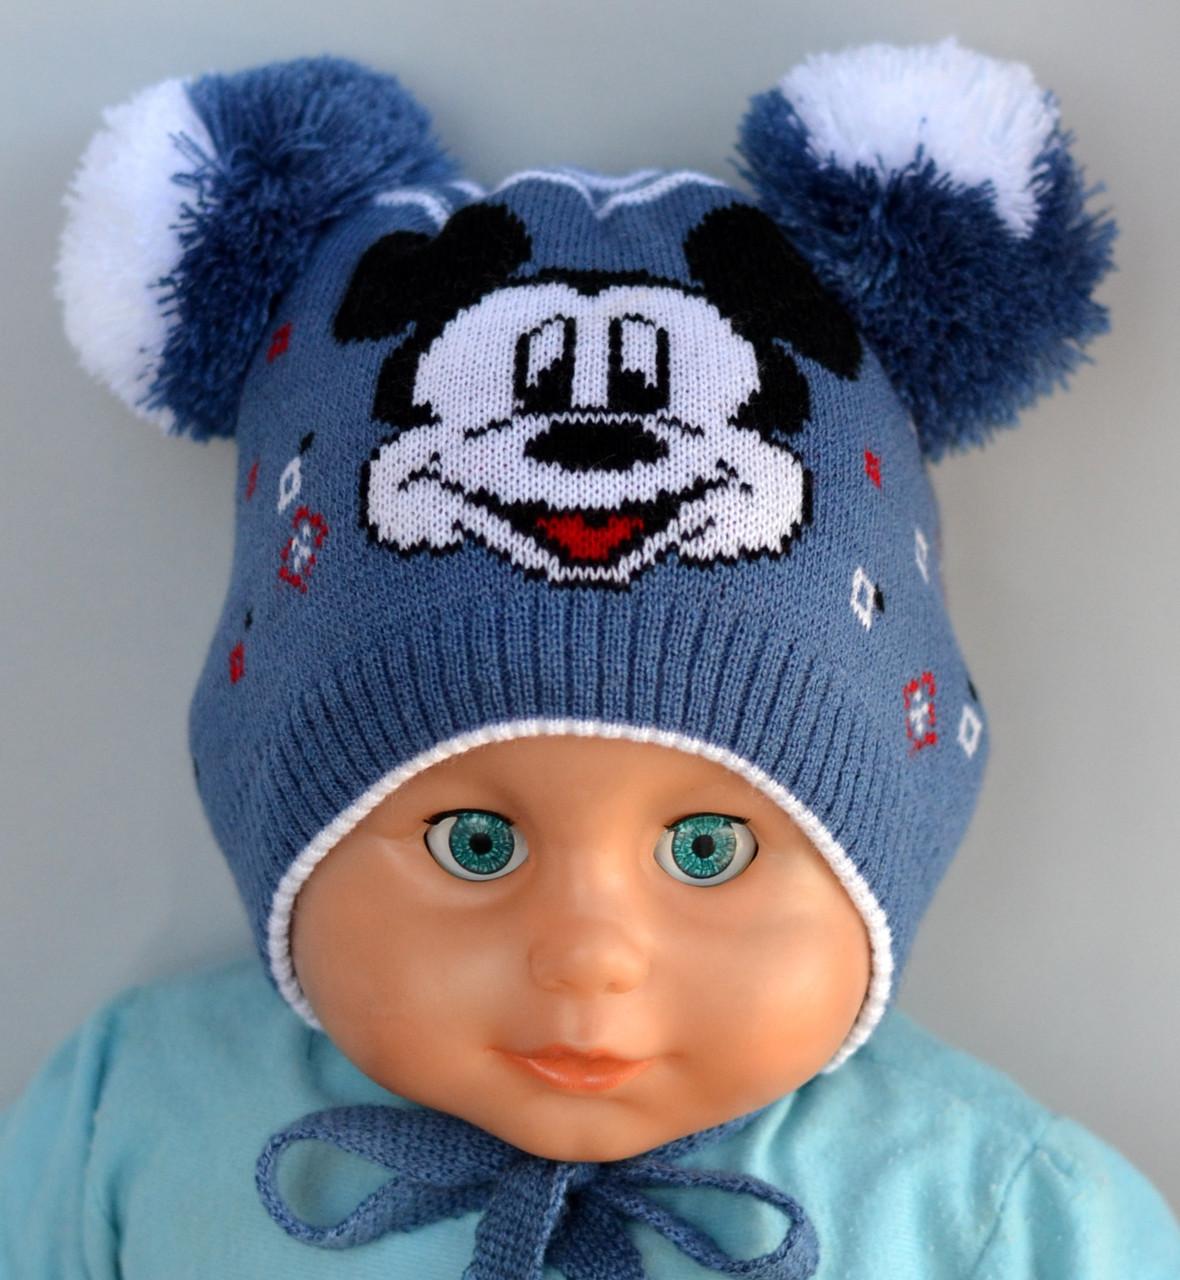 Шапка для мальчика Микки Маус джинс Арктик 002 (р.40-44)